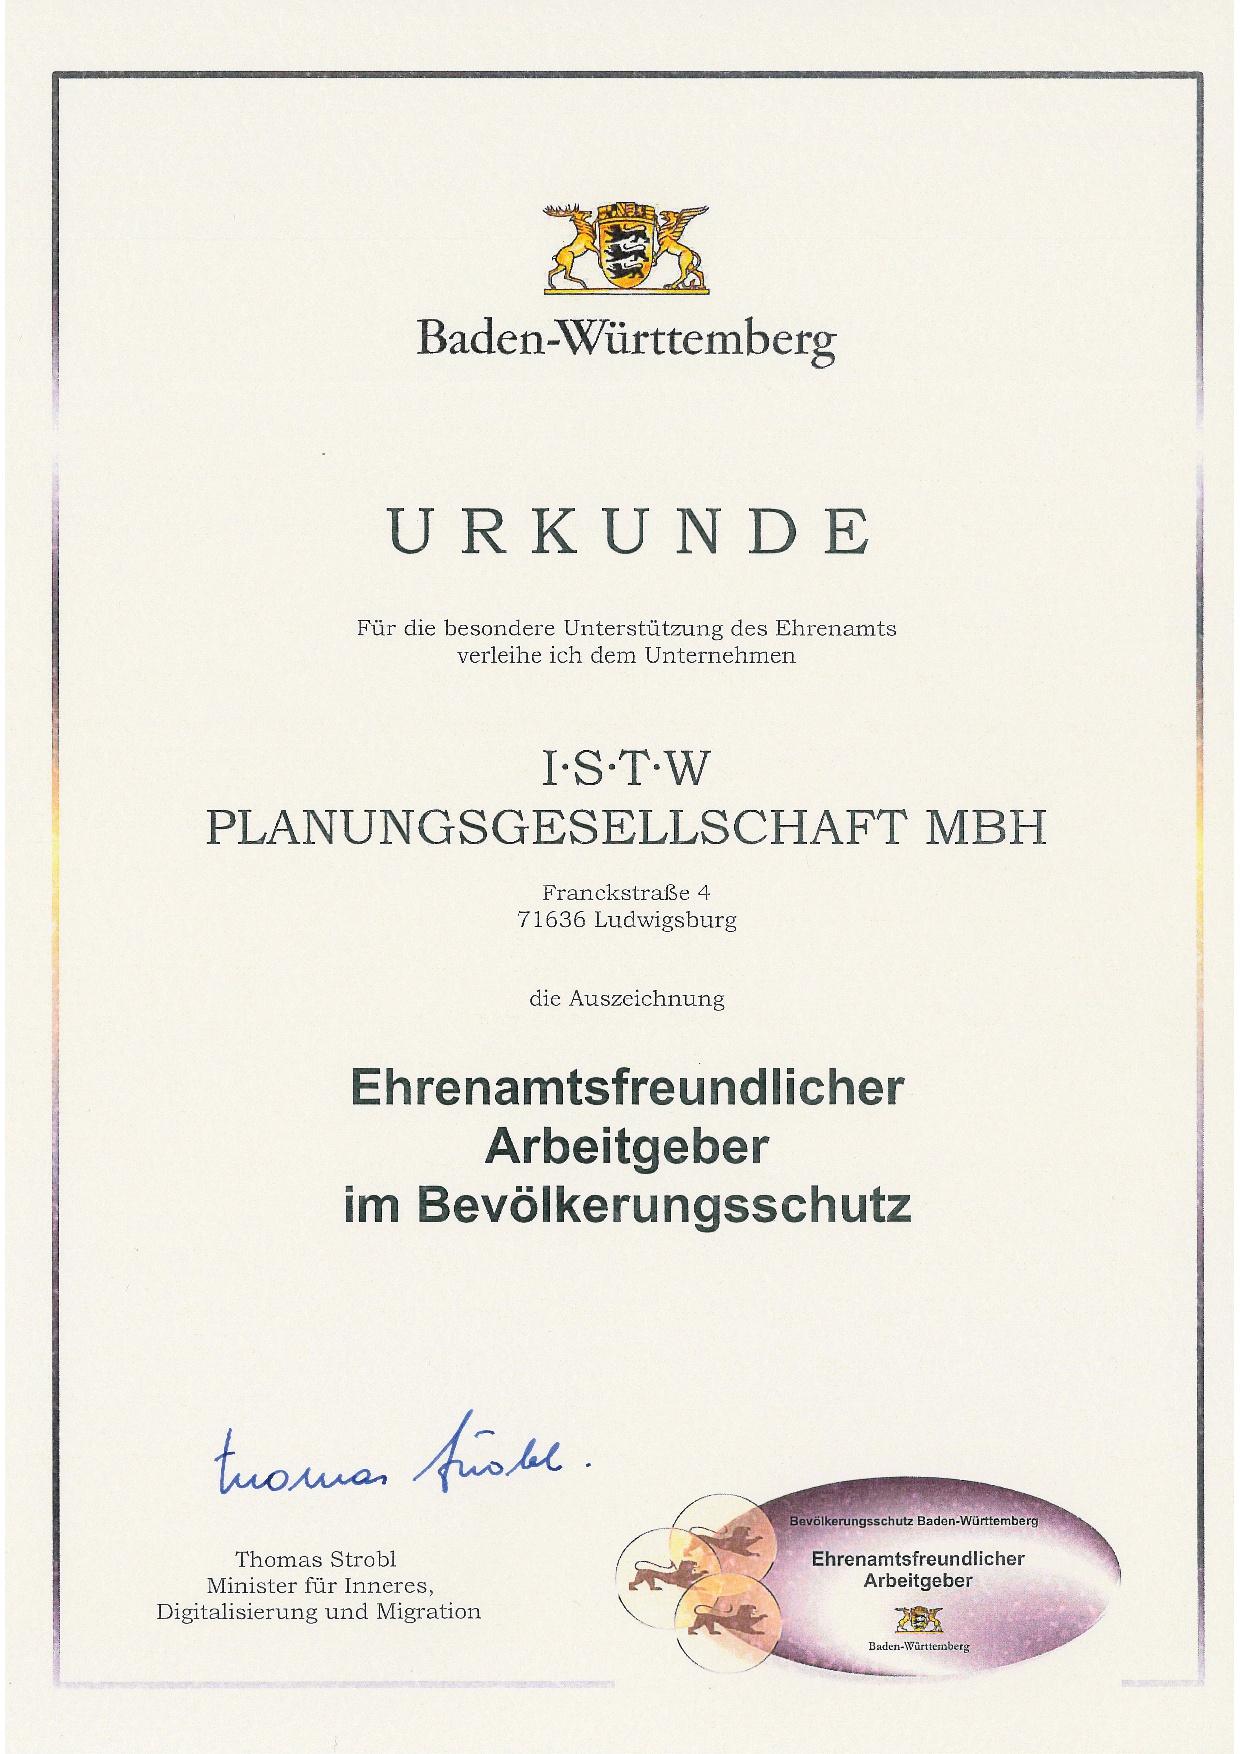 Urkunde mit Unterschrift